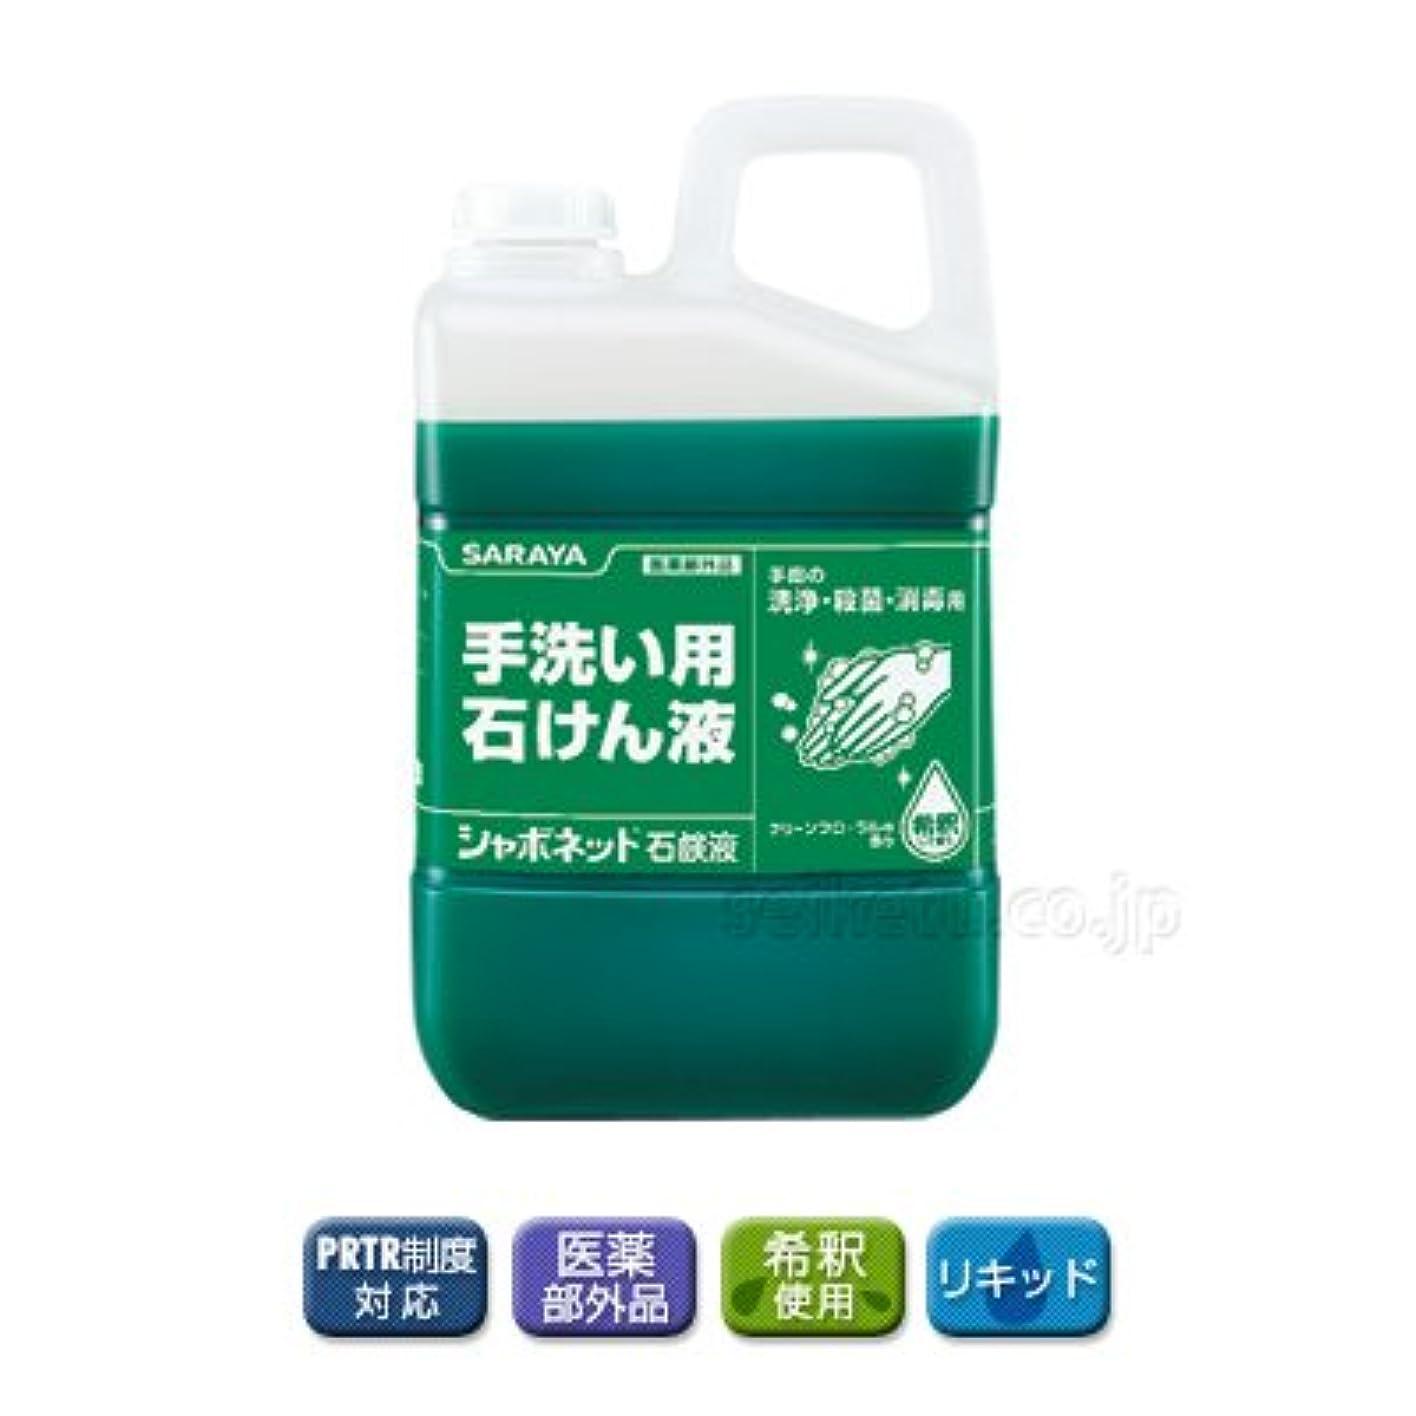 ラッドヤードキップリング魅了する蓮【清潔キレイ館】サラヤ シャボネット石鹸液(3kg)